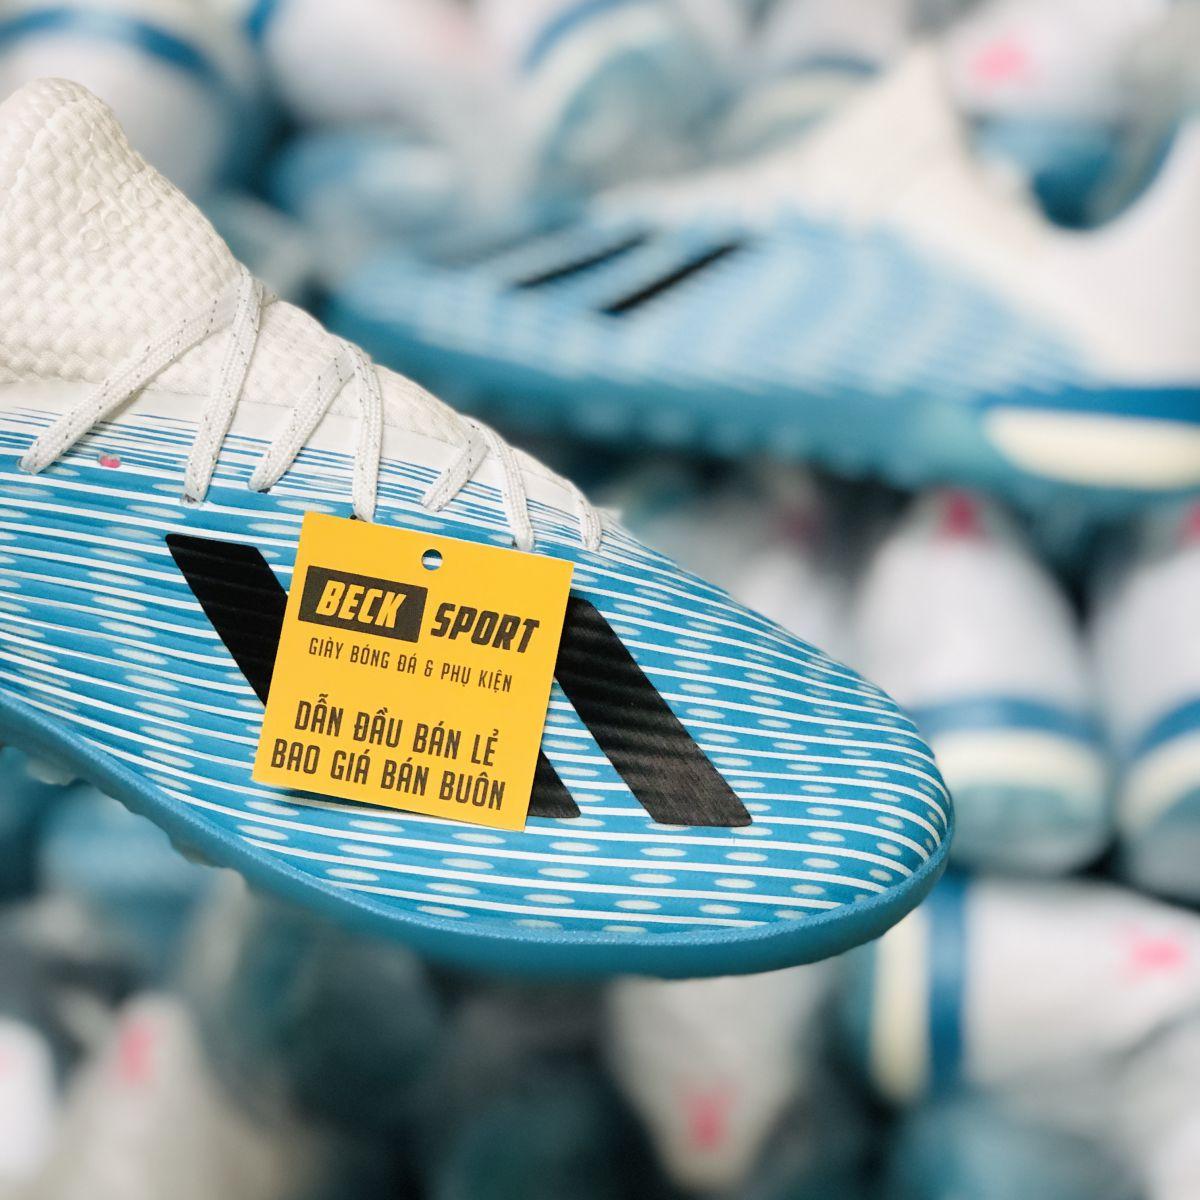 Giày Bóng Đá Adidas X 19.1 Xanh Biển Vạch Đen Gót Trắng TF